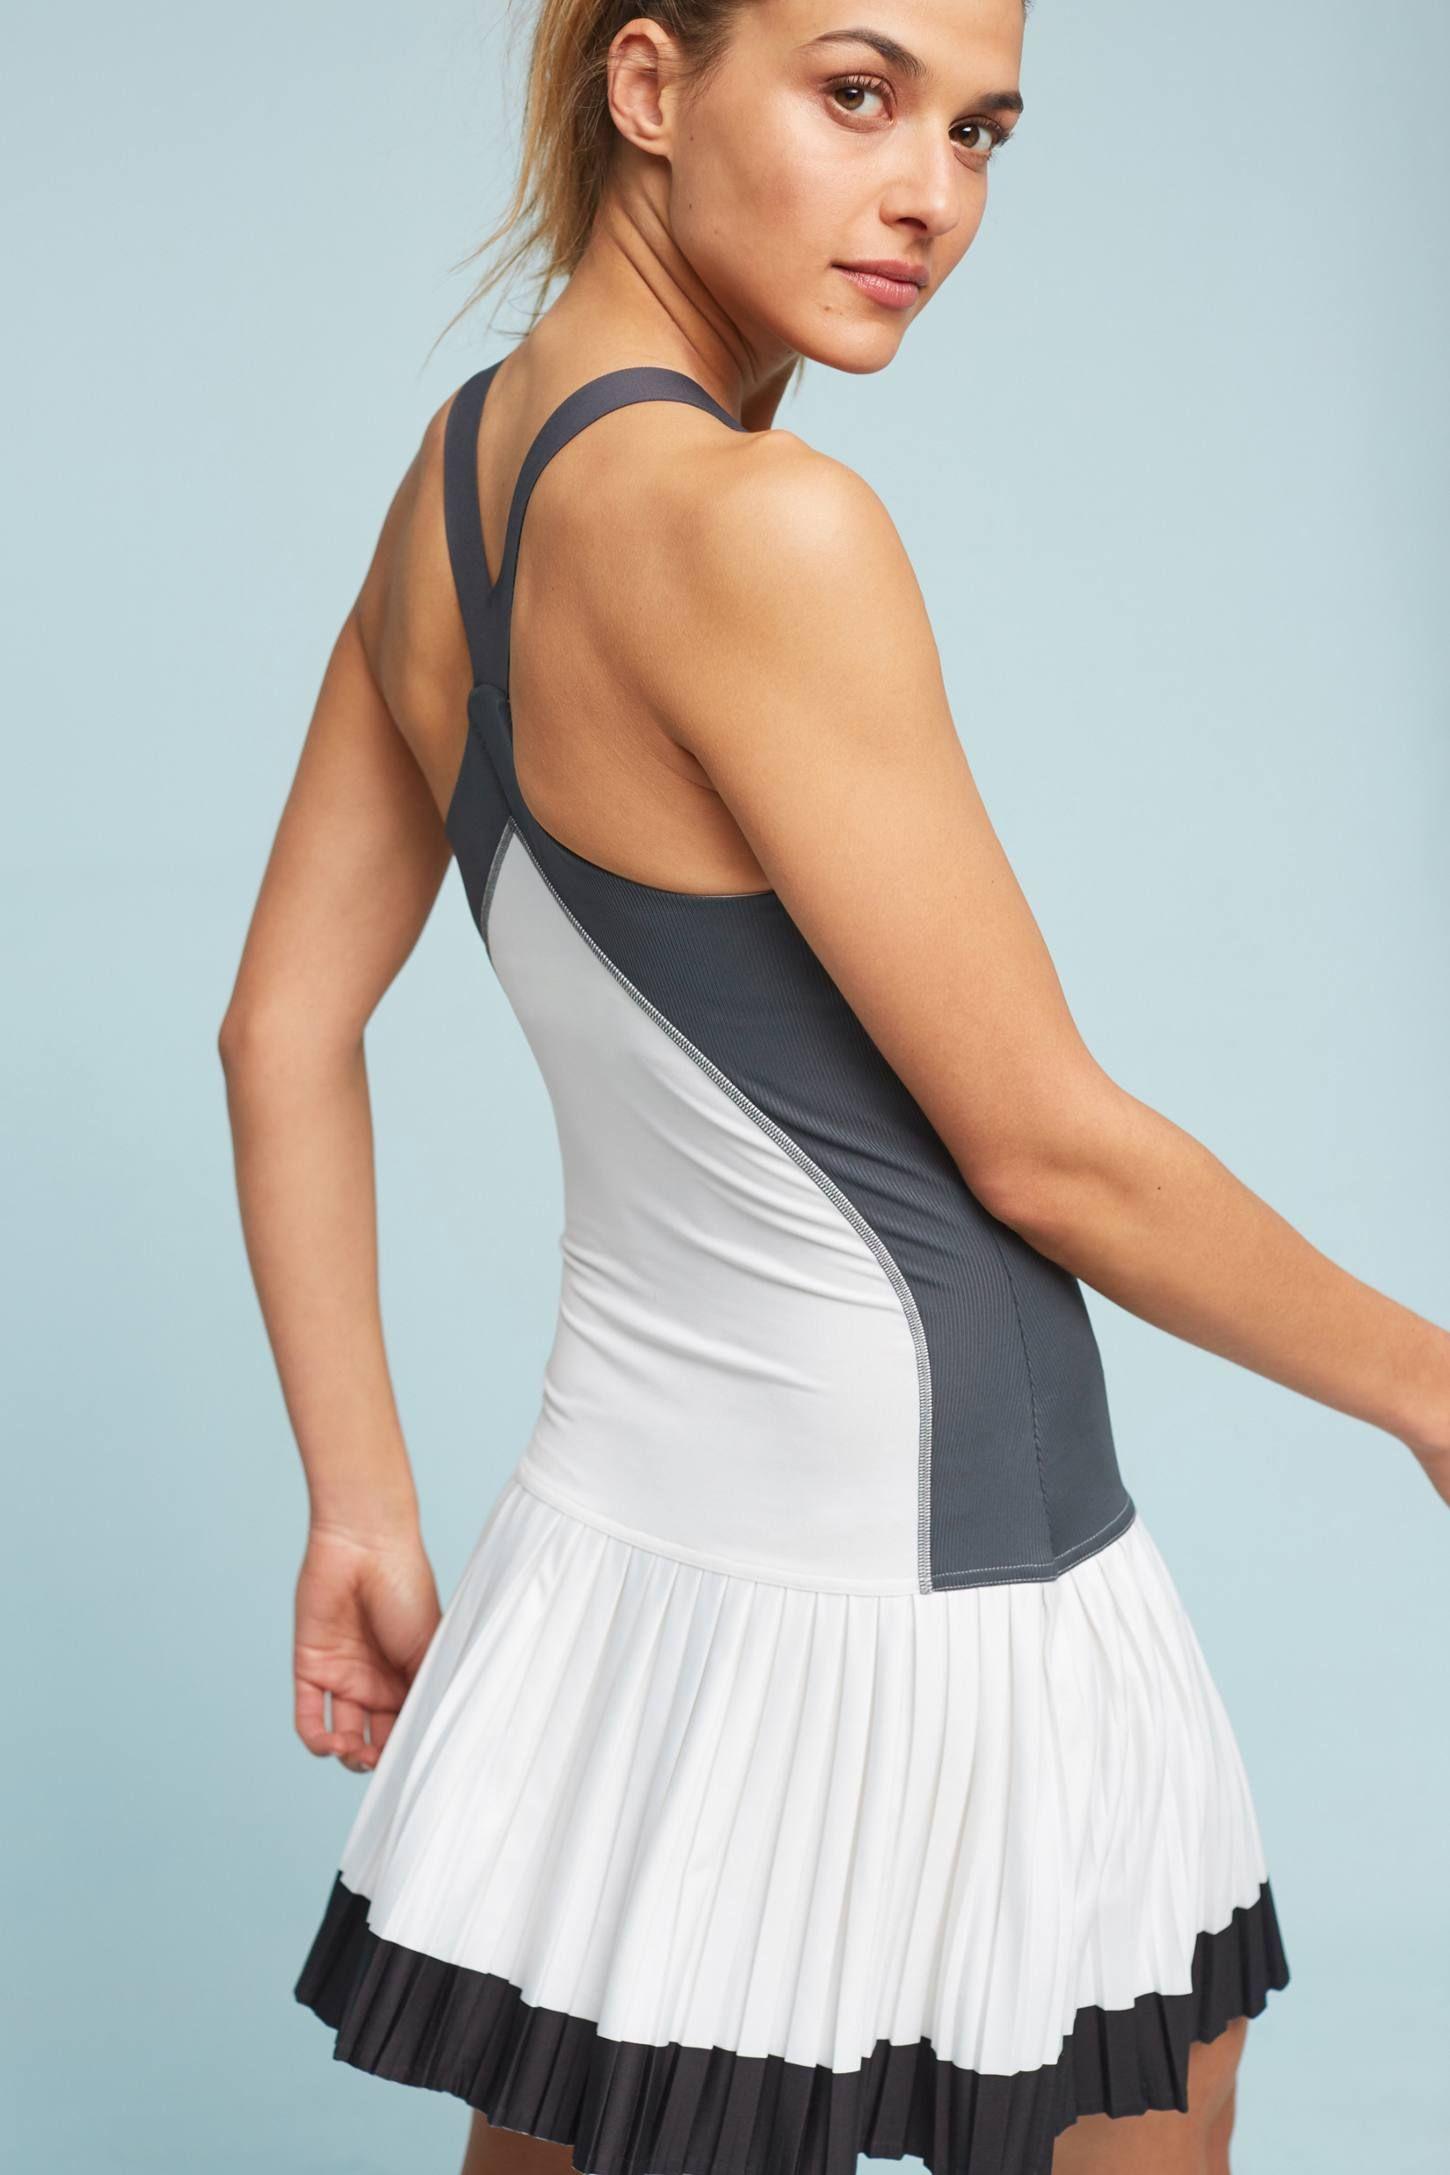 Adidas By Stella Mccartney Pleated Tennis Dress Pleated Tennis Dress Tennis Dress Stella Mccartney Adidas